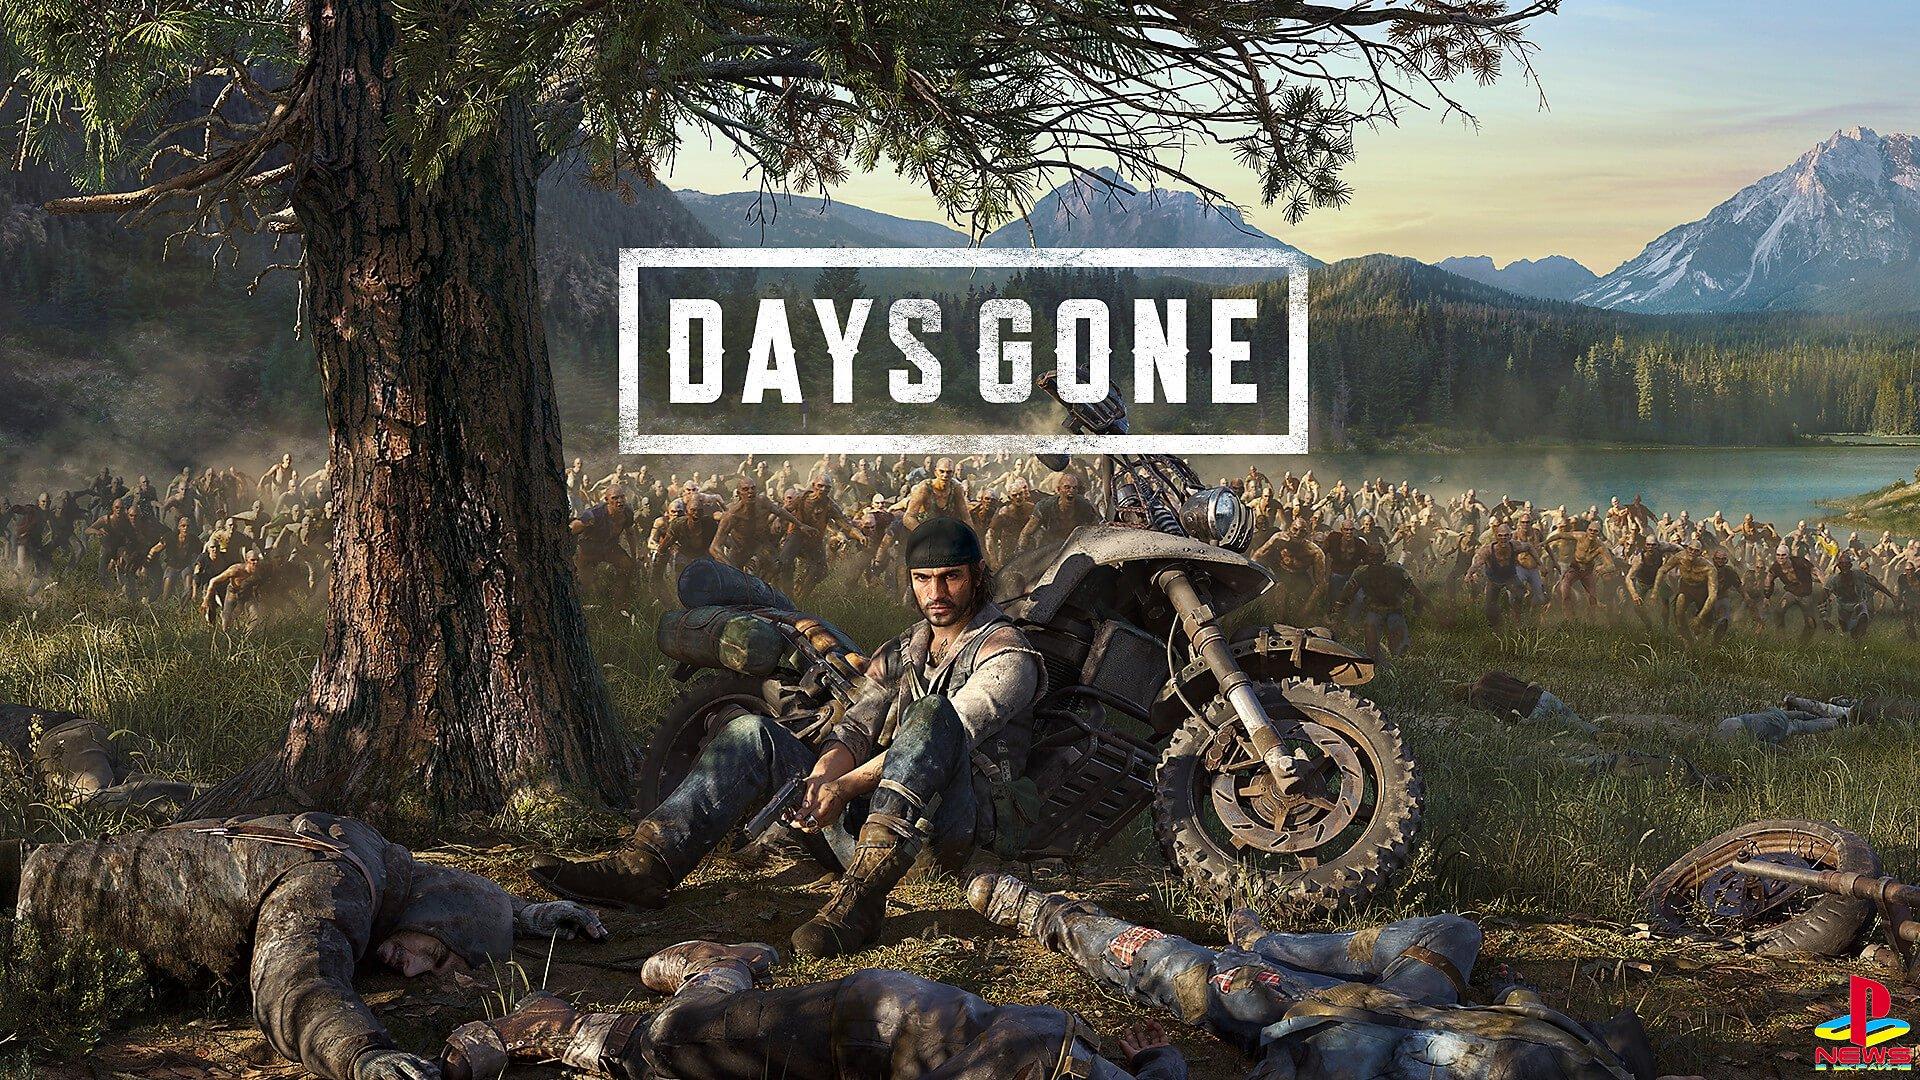 Руководитель зомби-экшена DaysGone Джон Гарвин ответил игрокам, жалующимся на отсутствие сиквела